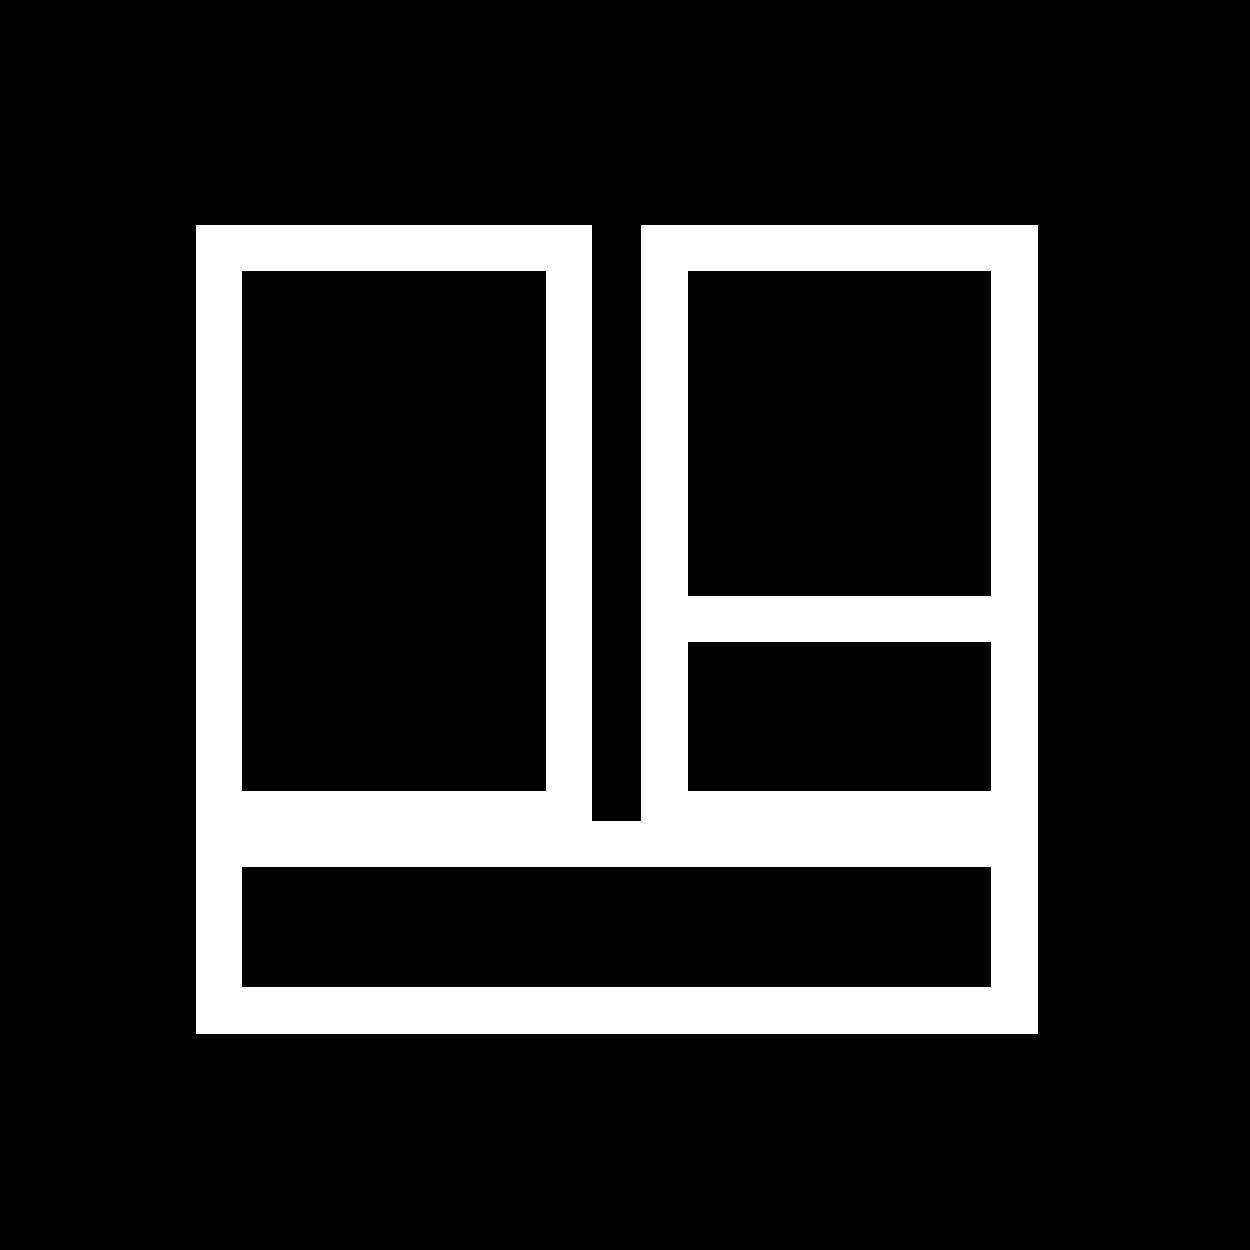 icone espaçamento